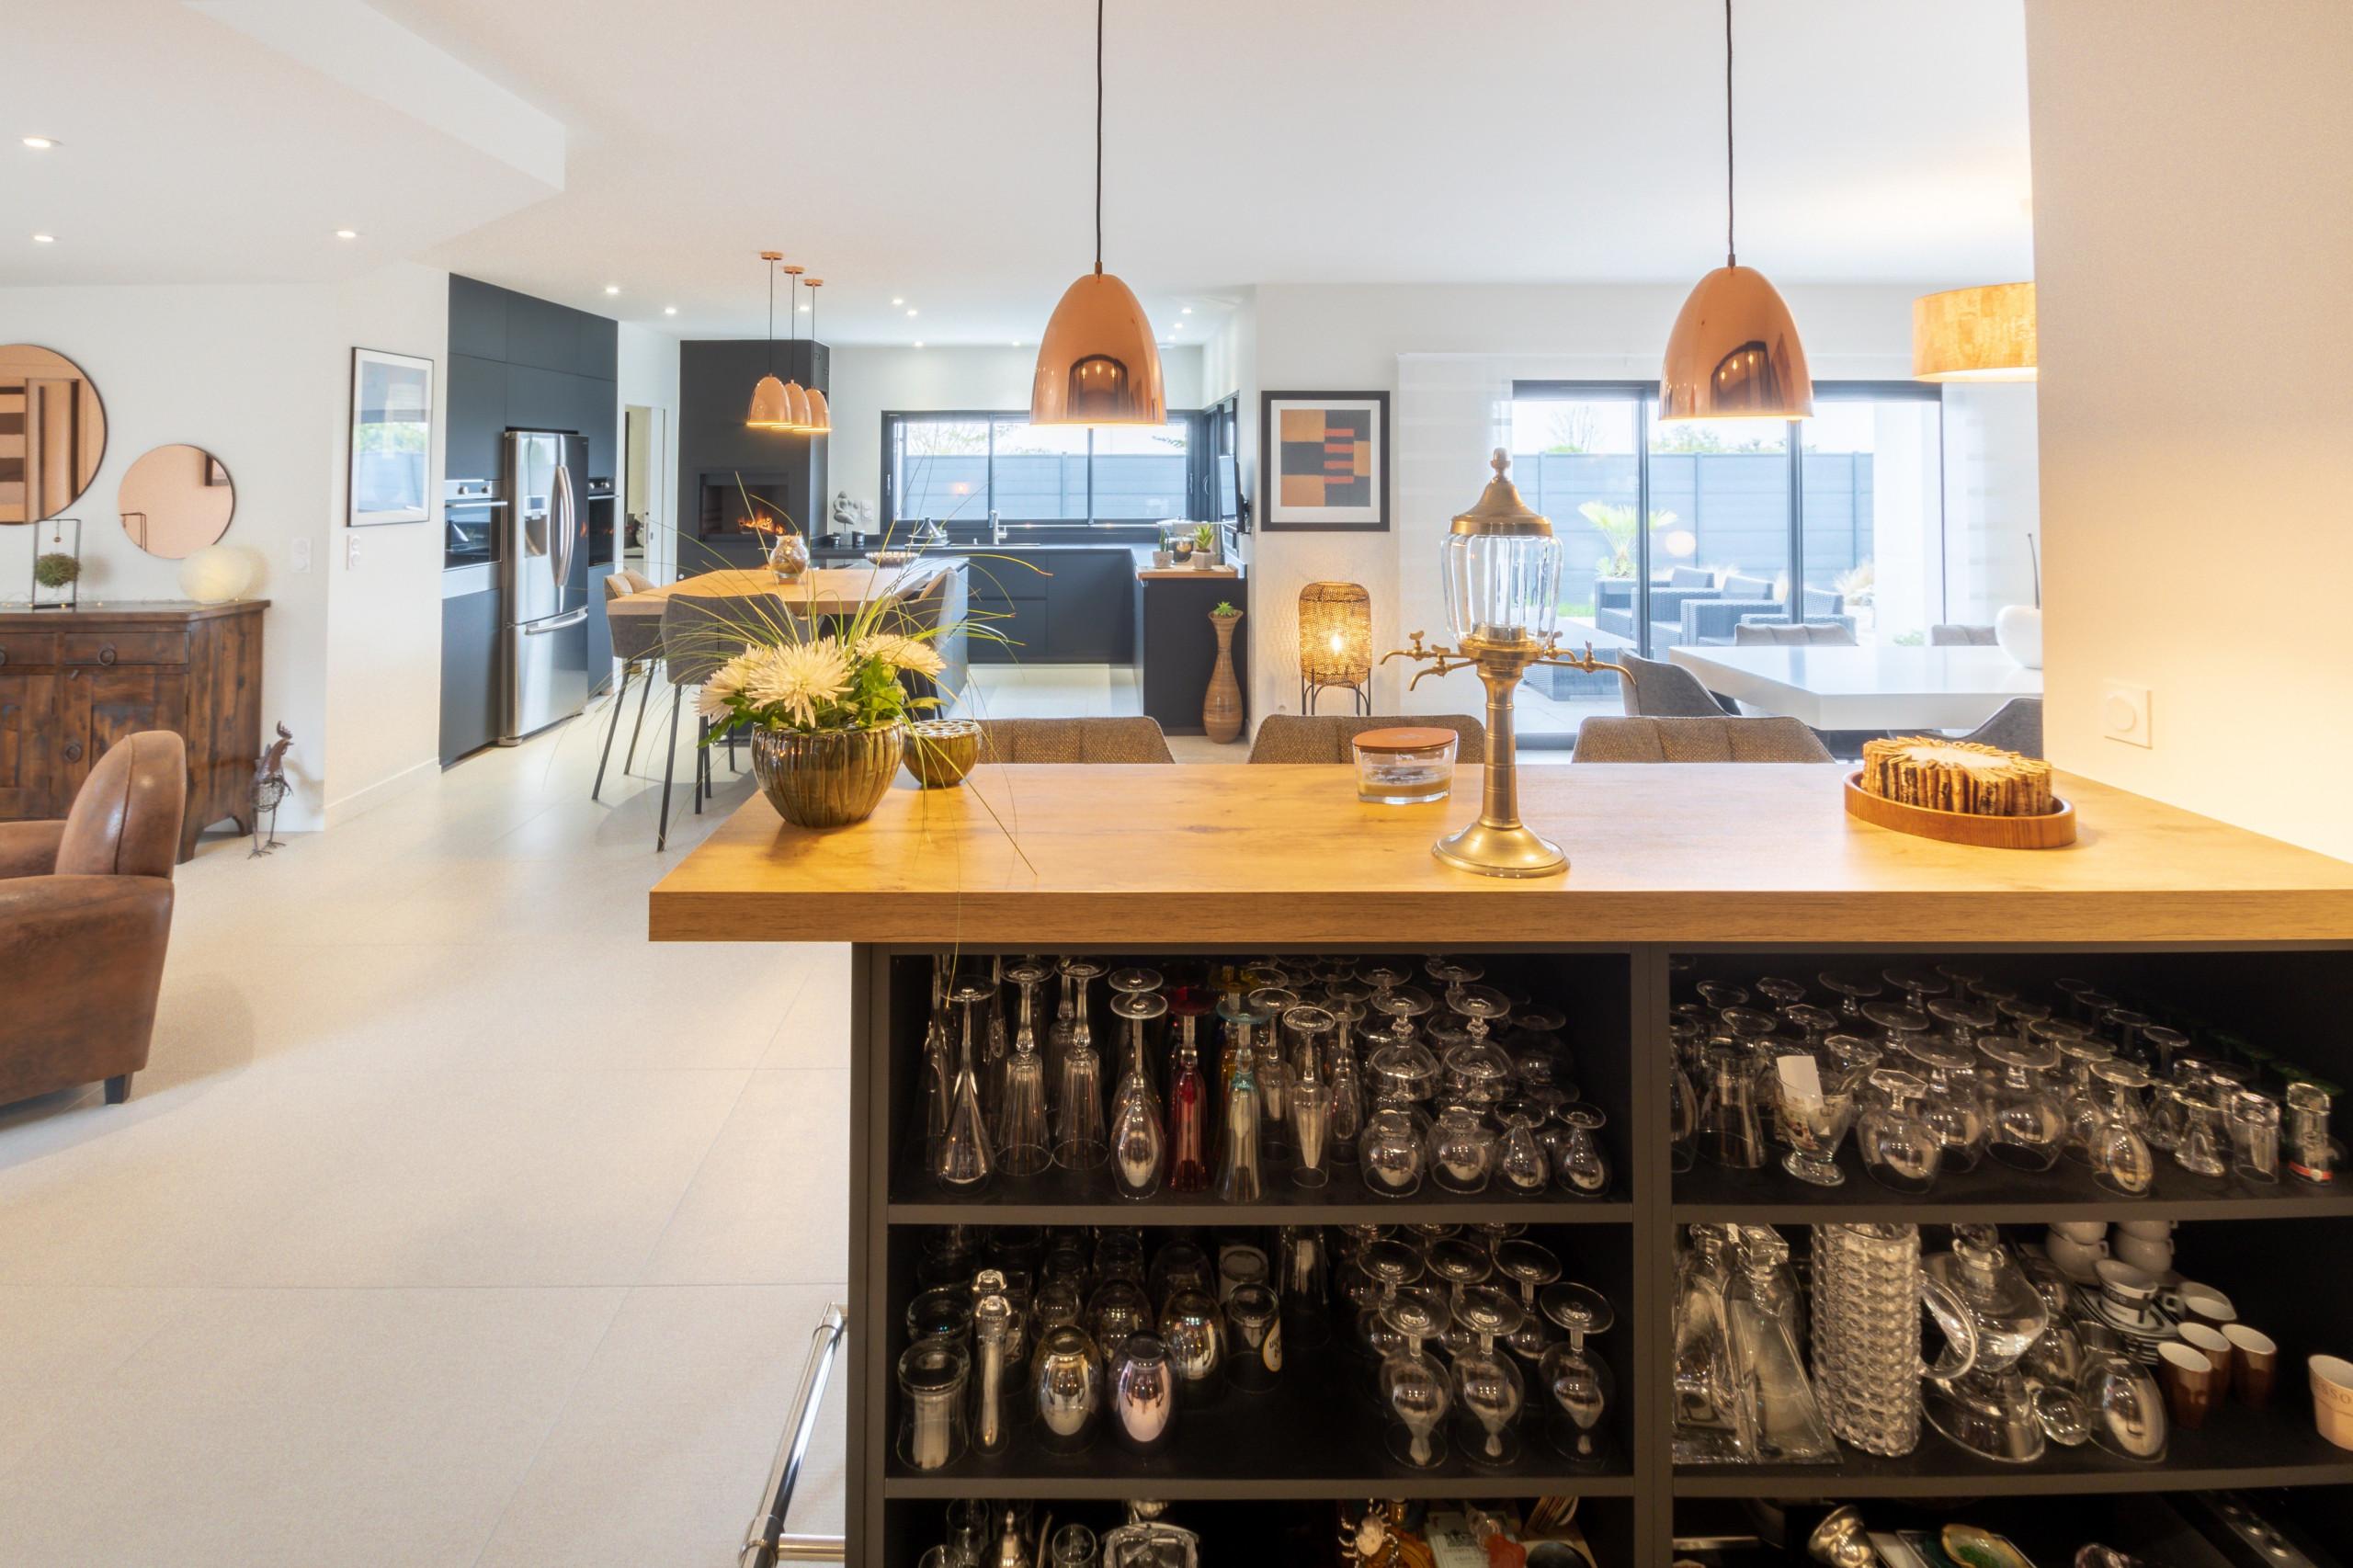 Réalisation d'une cuisine et d'un bar à vin dans une villa chic contemporaine